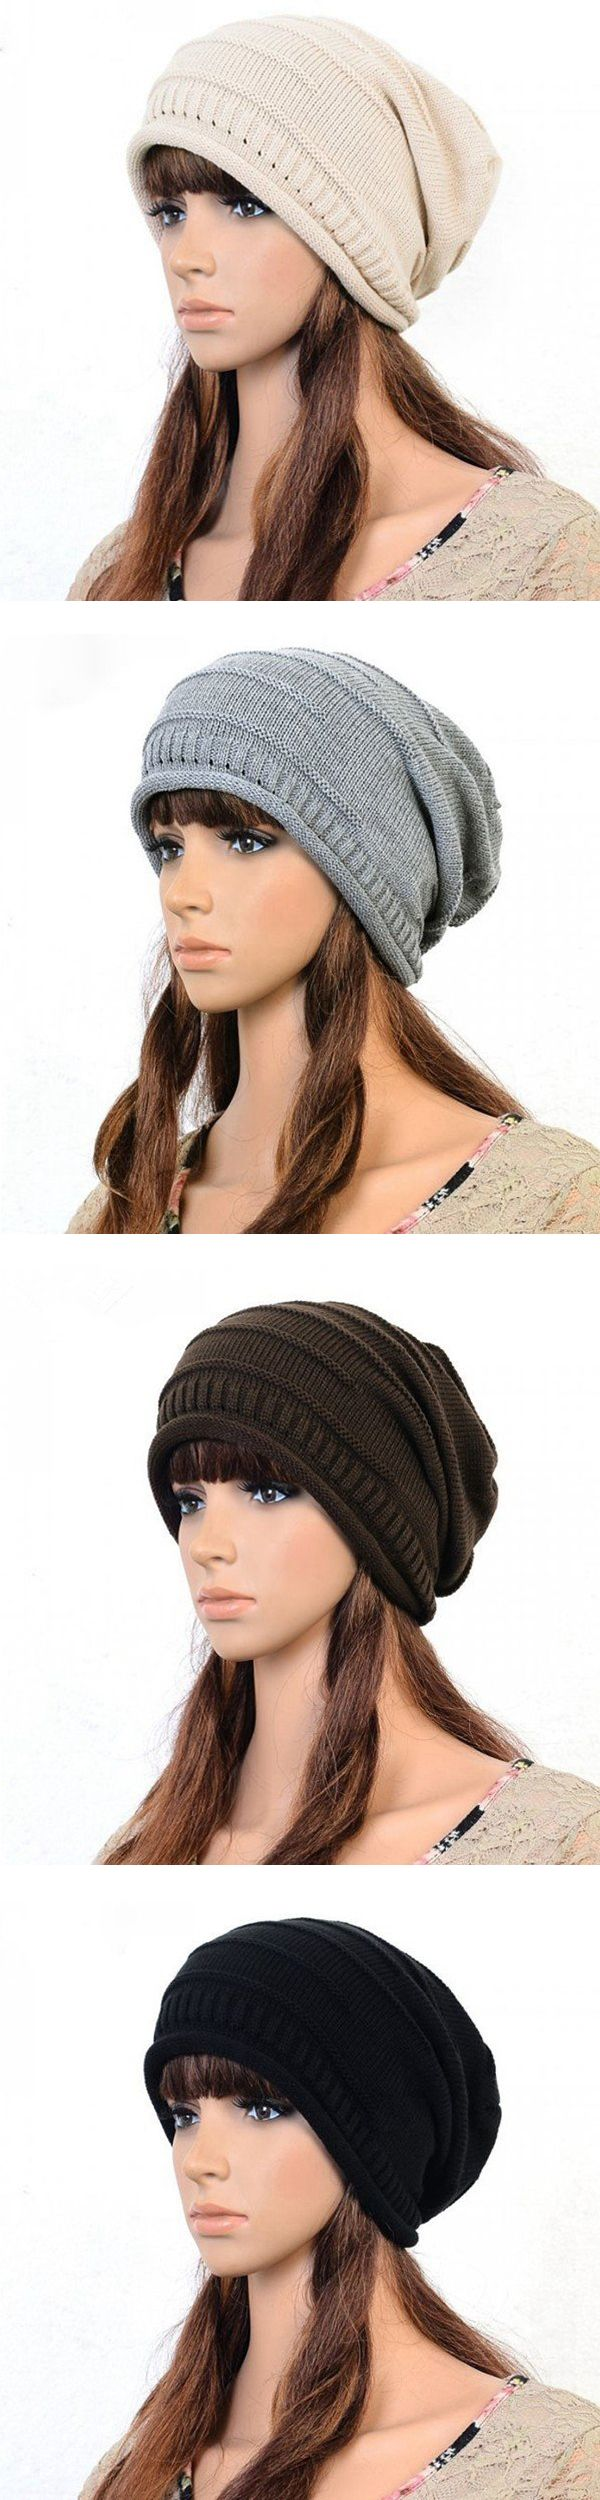 Women Knitted Woolen Stripe Beanie Cap Casual Foldable Warm Head Hat